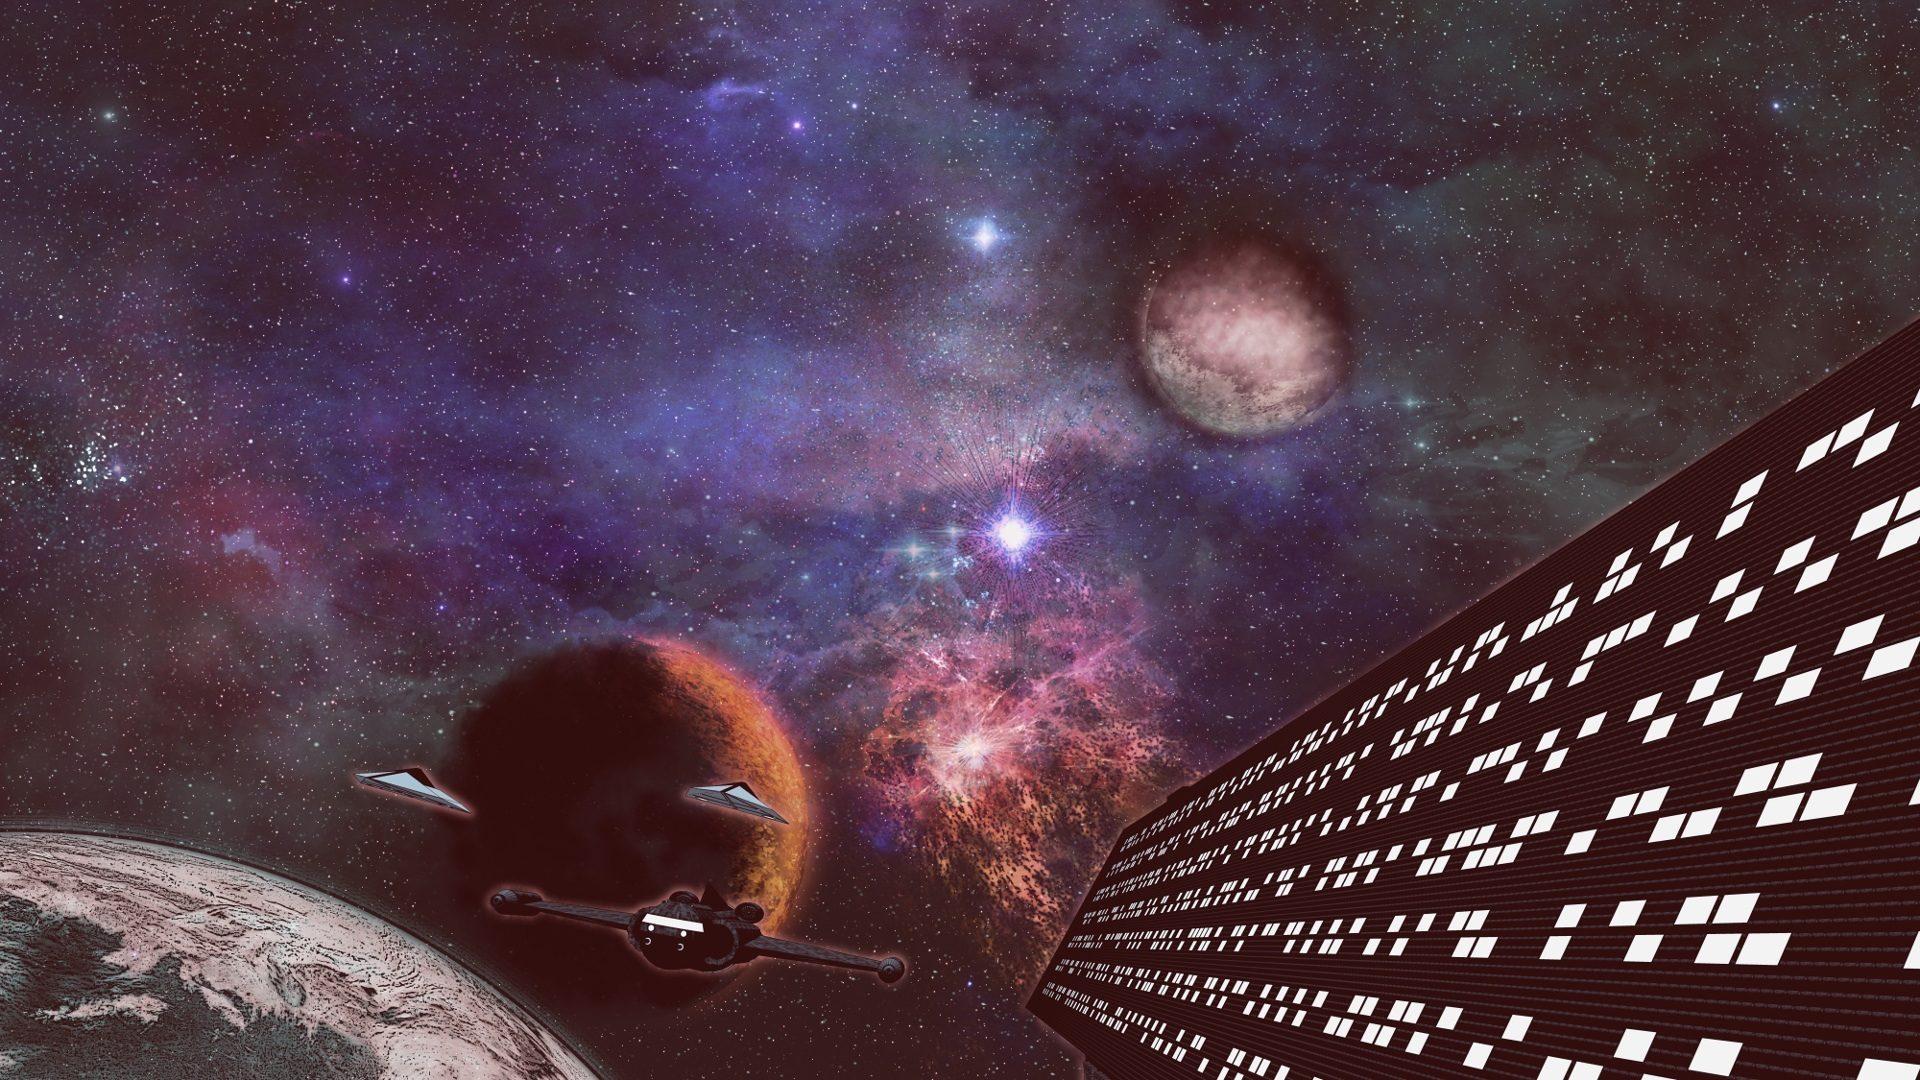 ग्रहों, स्टार, जहाजों, विदेशी, एलियंस, ब्रह्मांड - HD वॉलपेपर - प्रोफेसर-falken.com